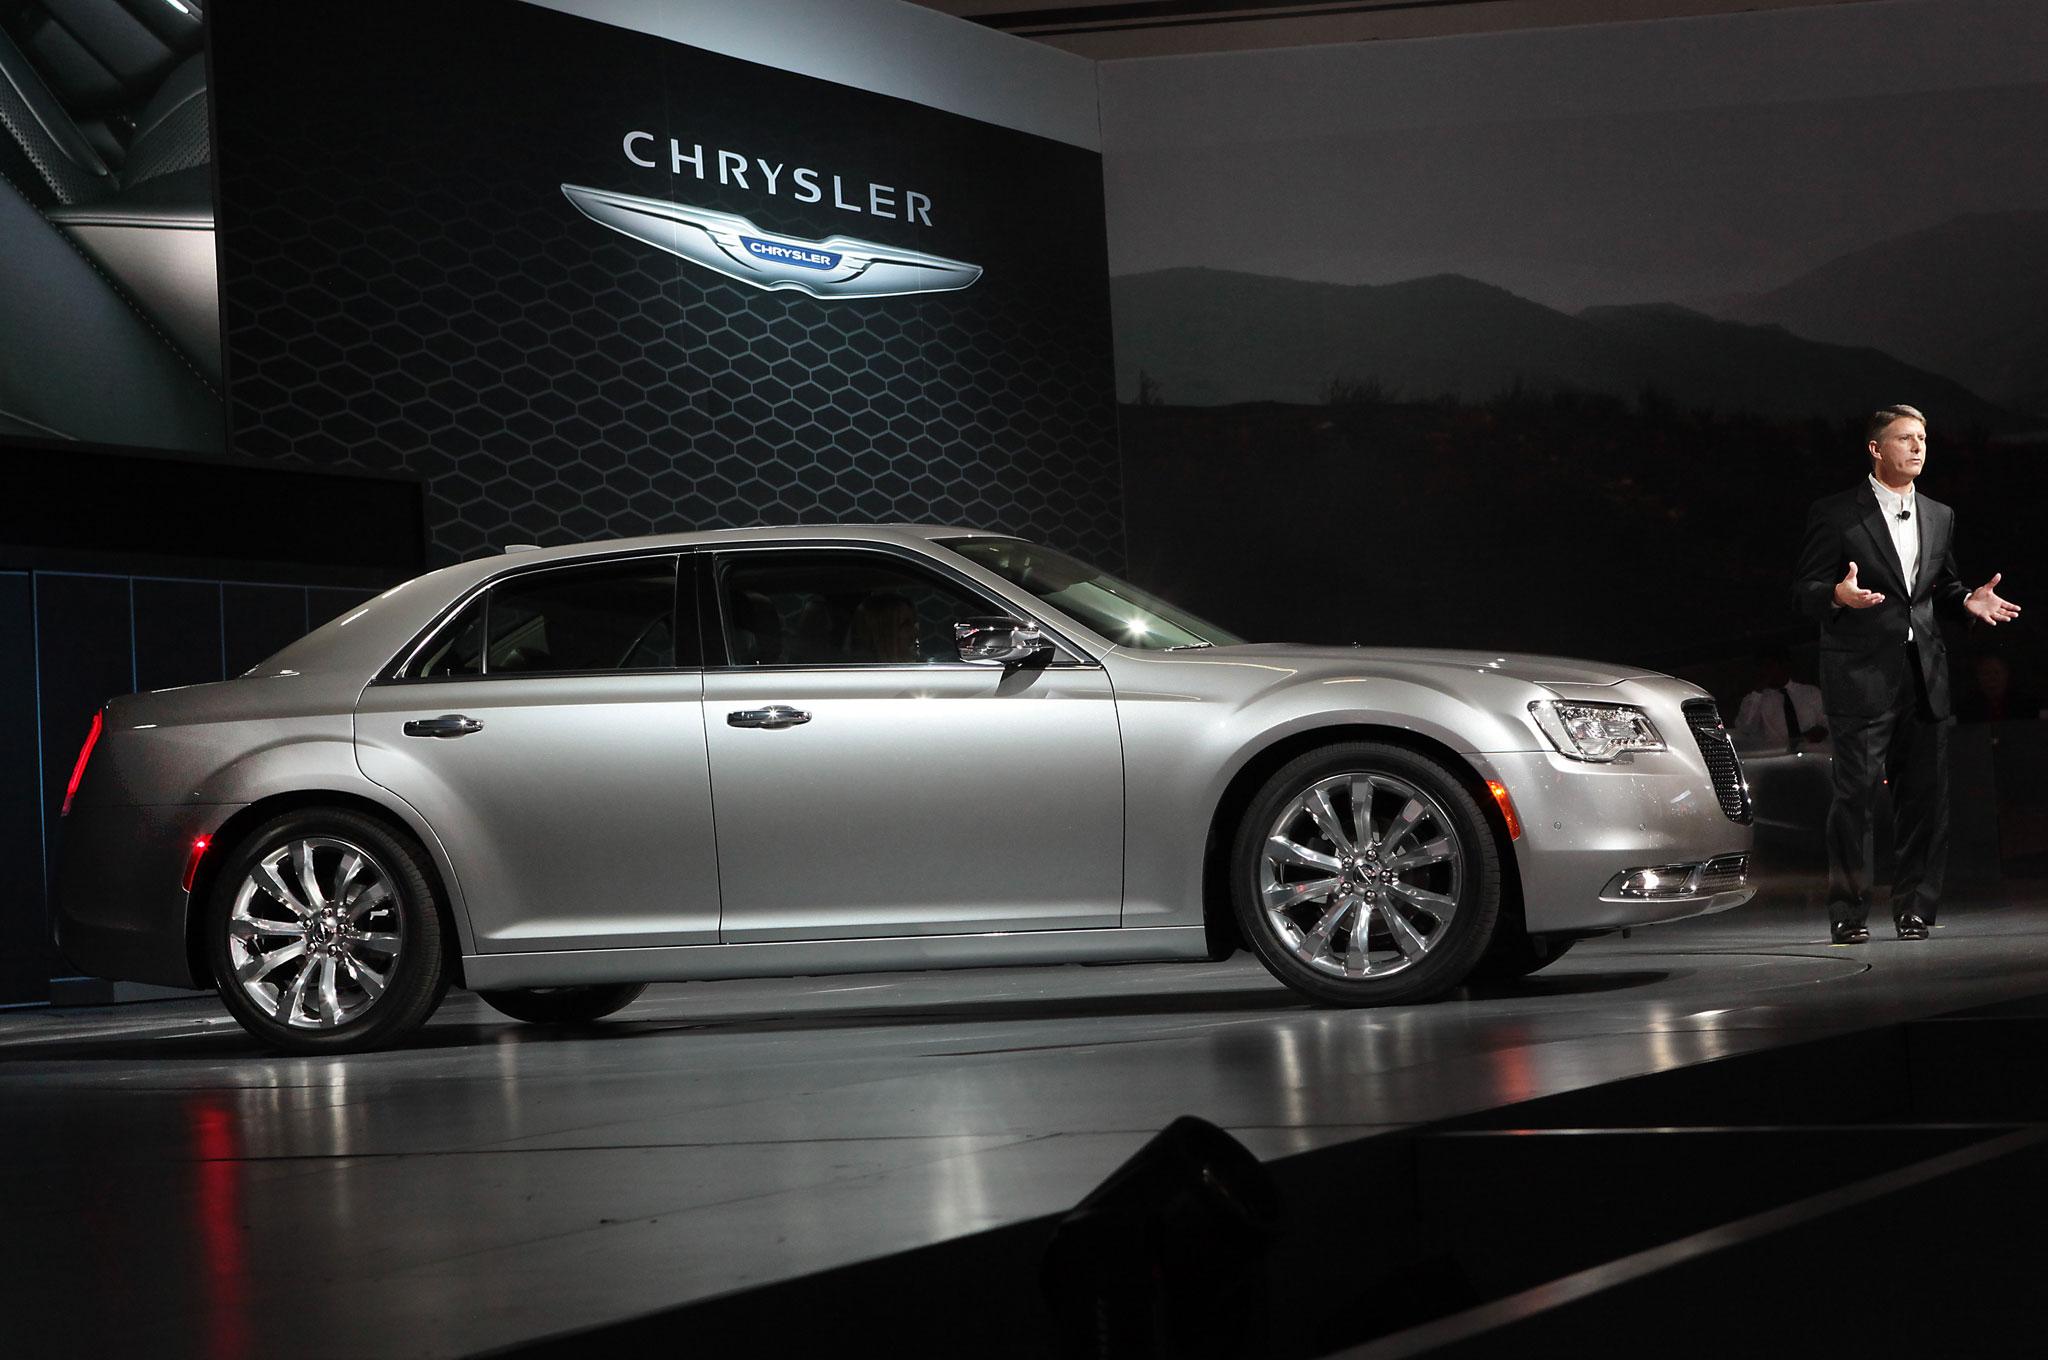 new interior cars the chrysler pinterest pin